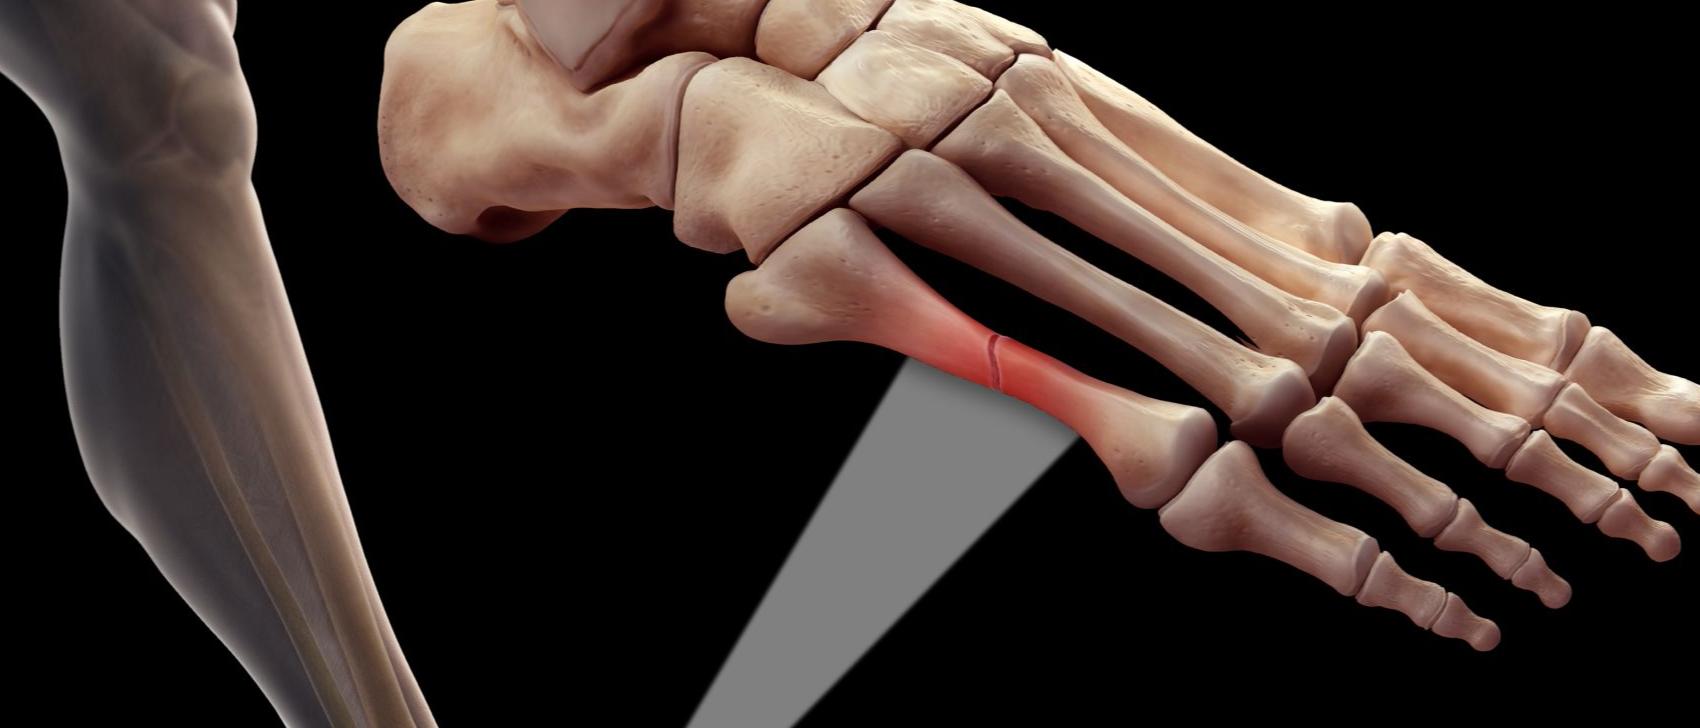 Помогает ли аппарат алмаг 01 при переломах костей